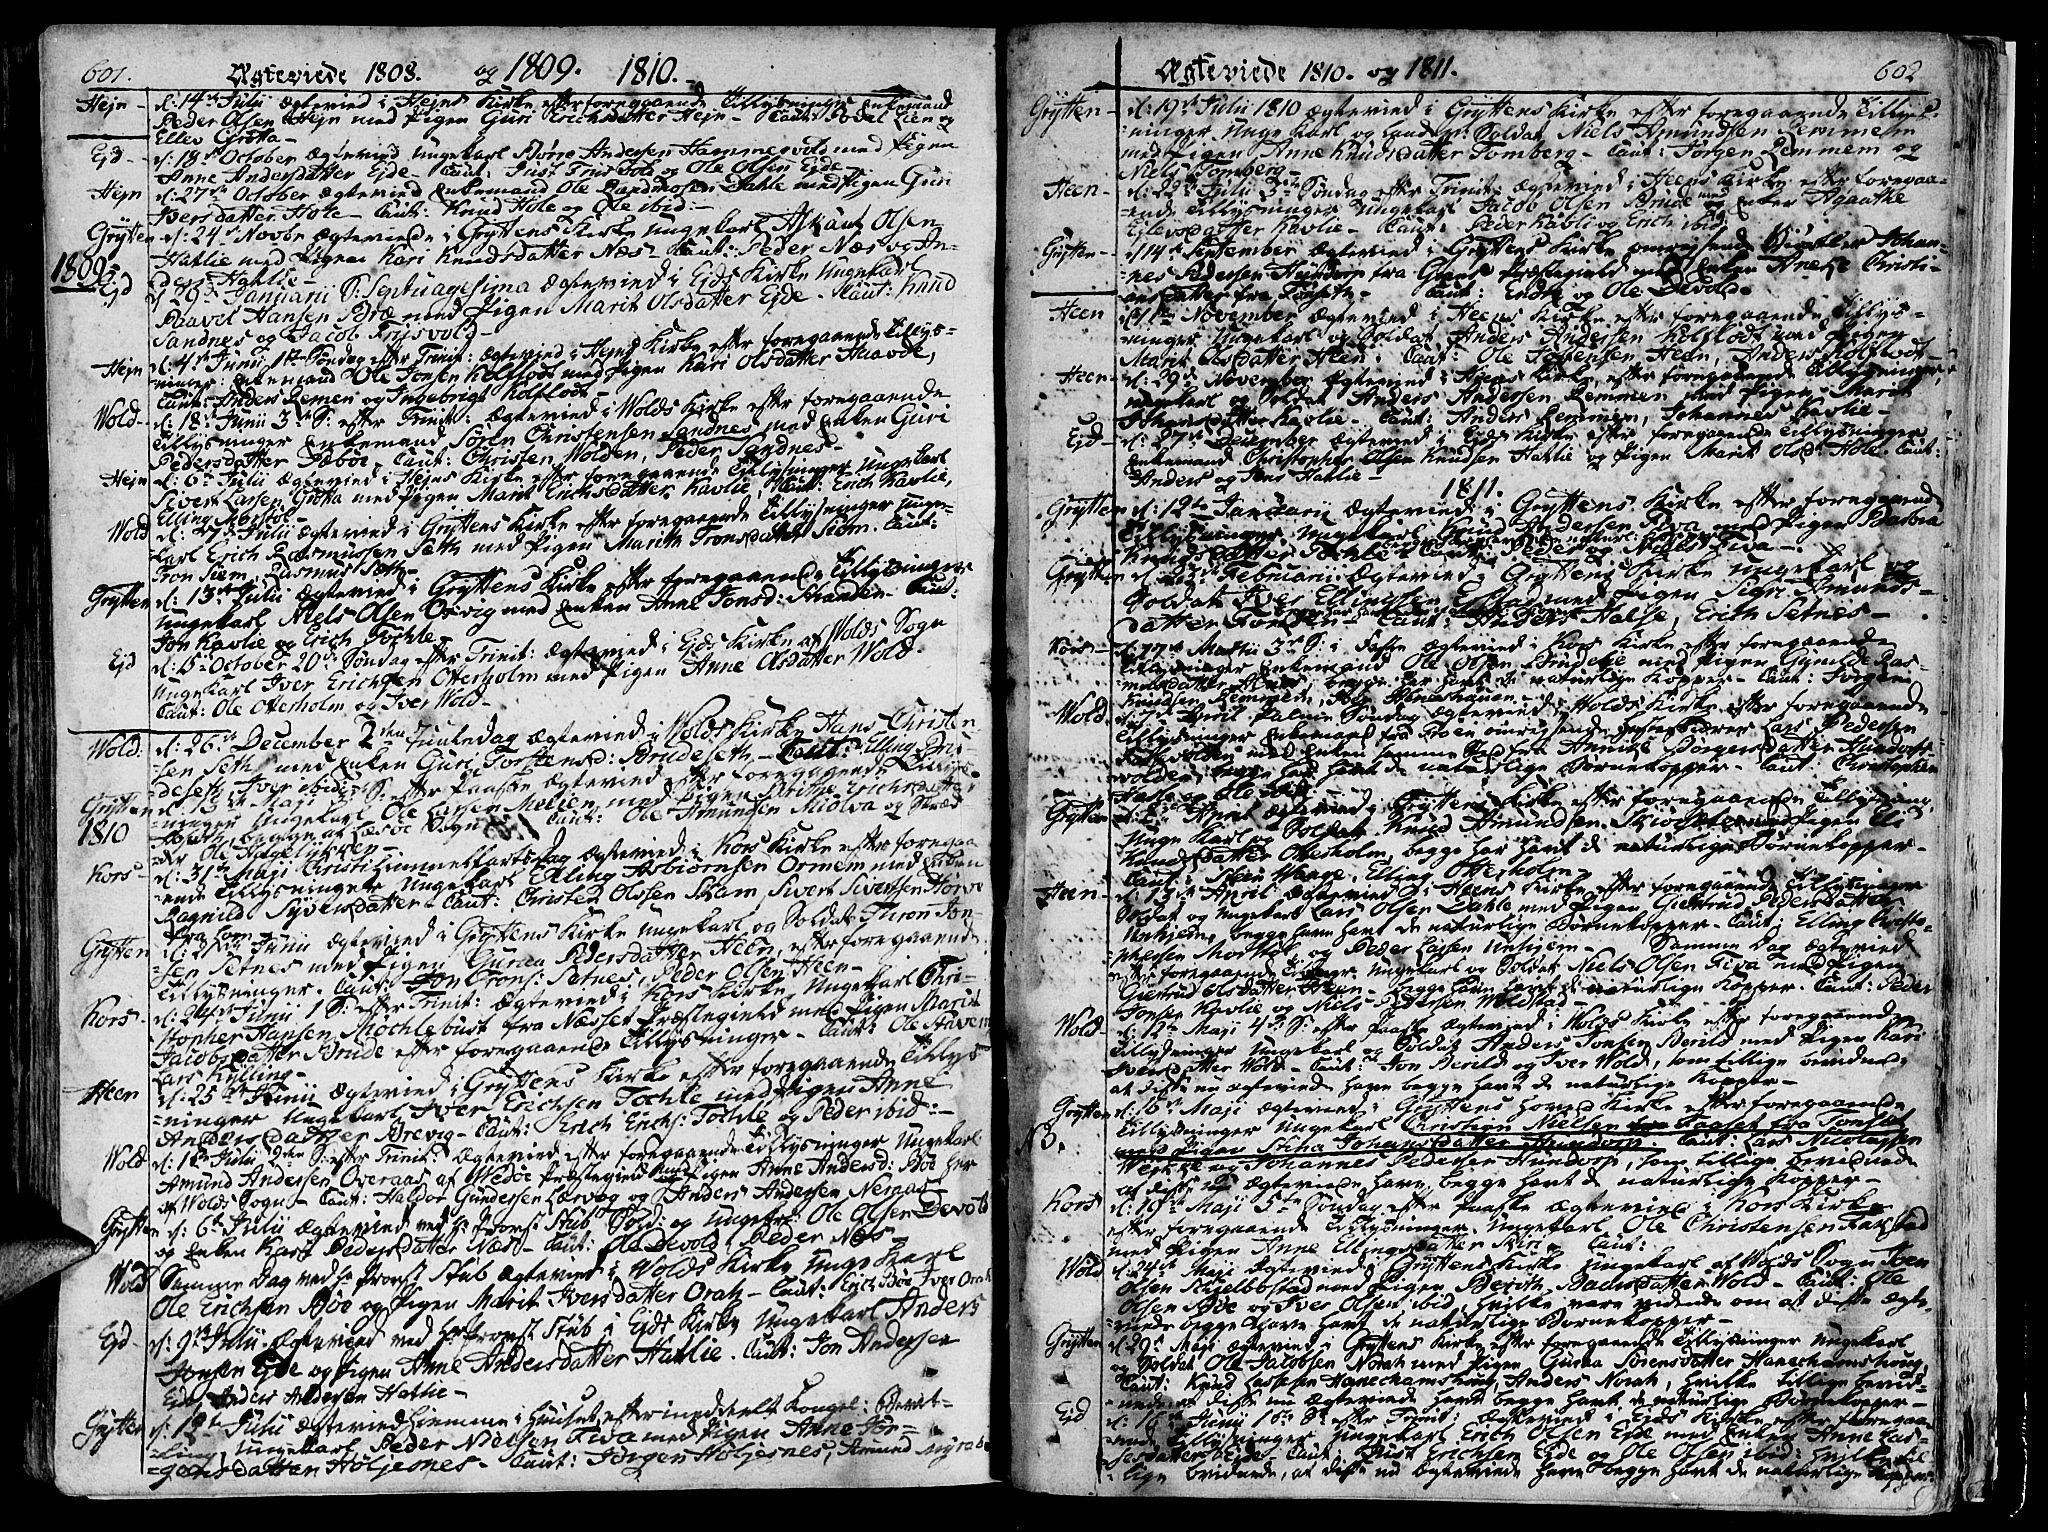 SAT, Ministerialprotokoller, klokkerbøker og fødselsregistre - Møre og Romsdal, 544/L0570: Ministerialbok nr. 544A03, 1807-1817, s. 601-602